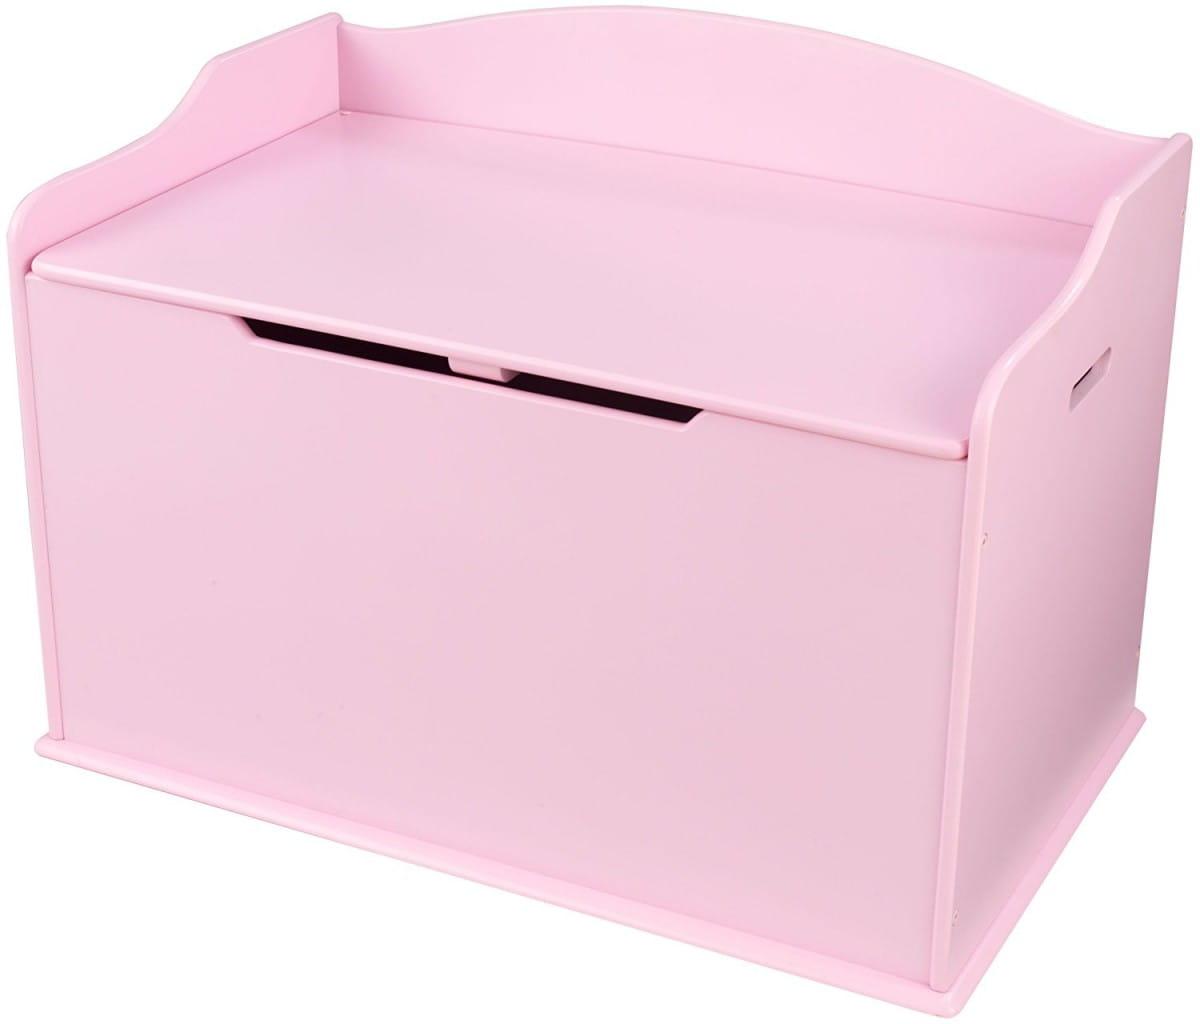 Ящик для игрушек KidKraft 14957_KE - розовый